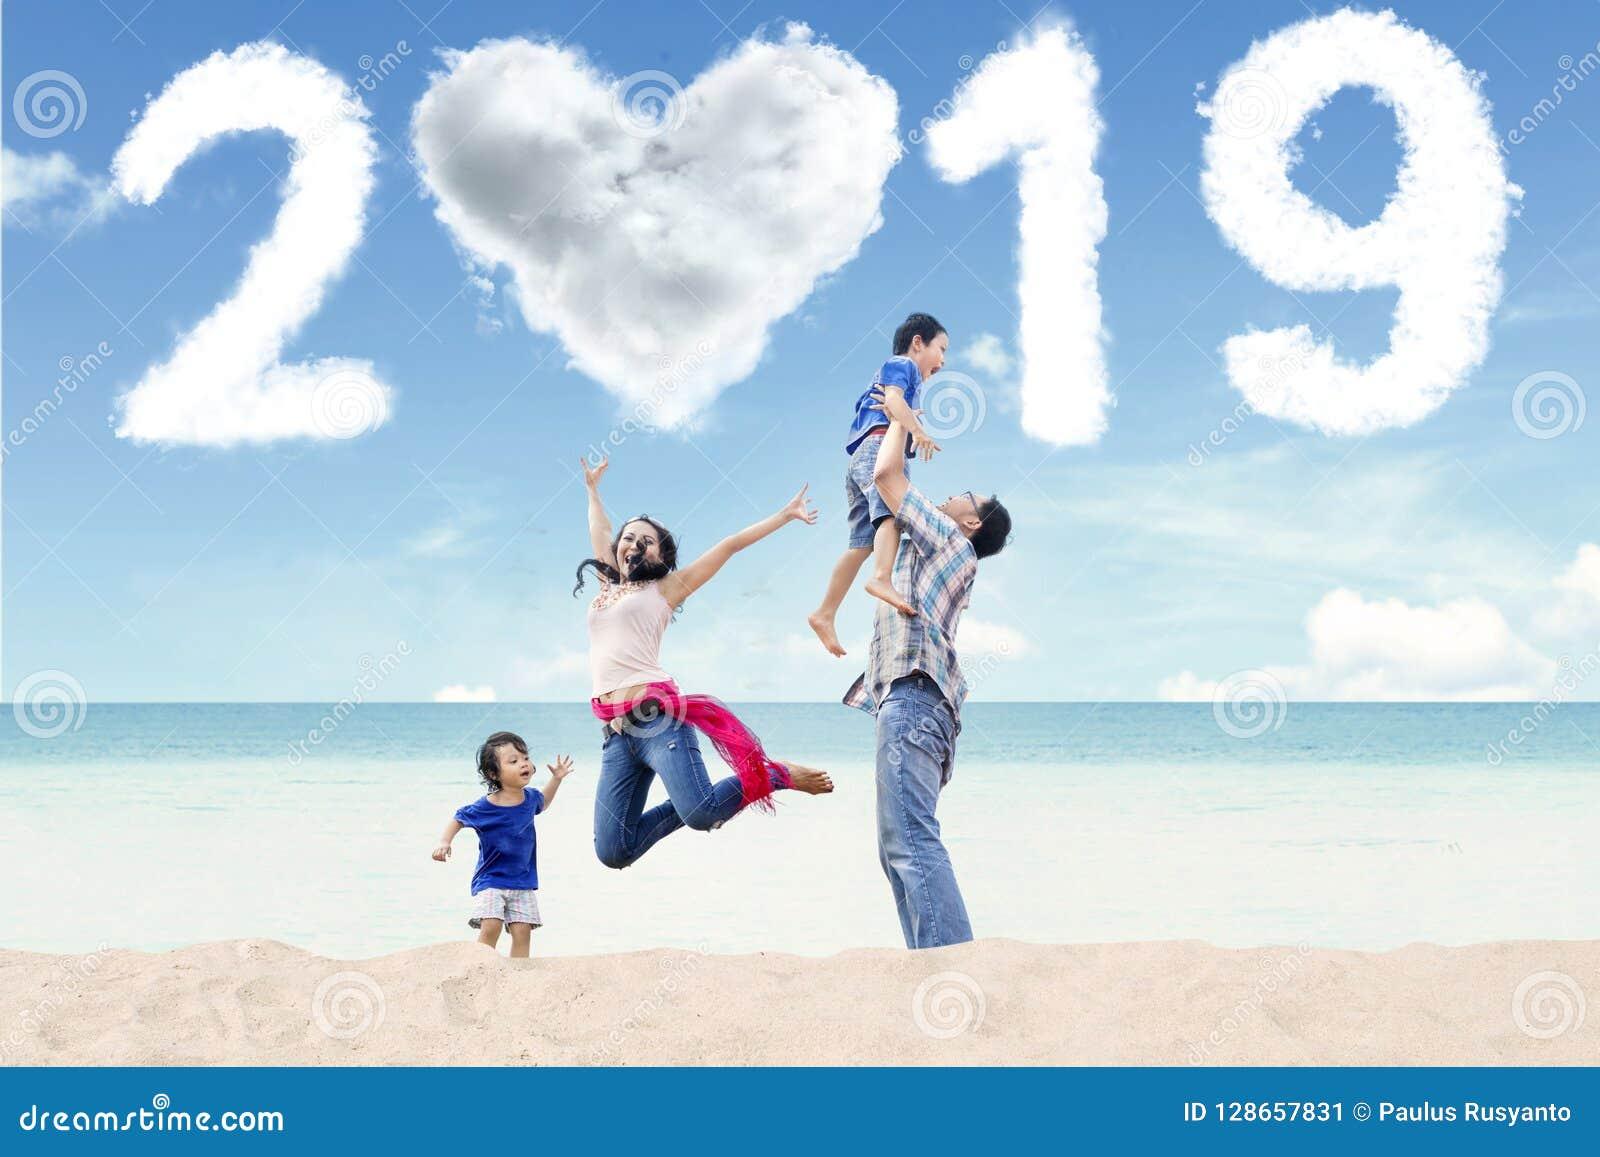 Asiatische Familie mit Nr. 2019 auf Strand